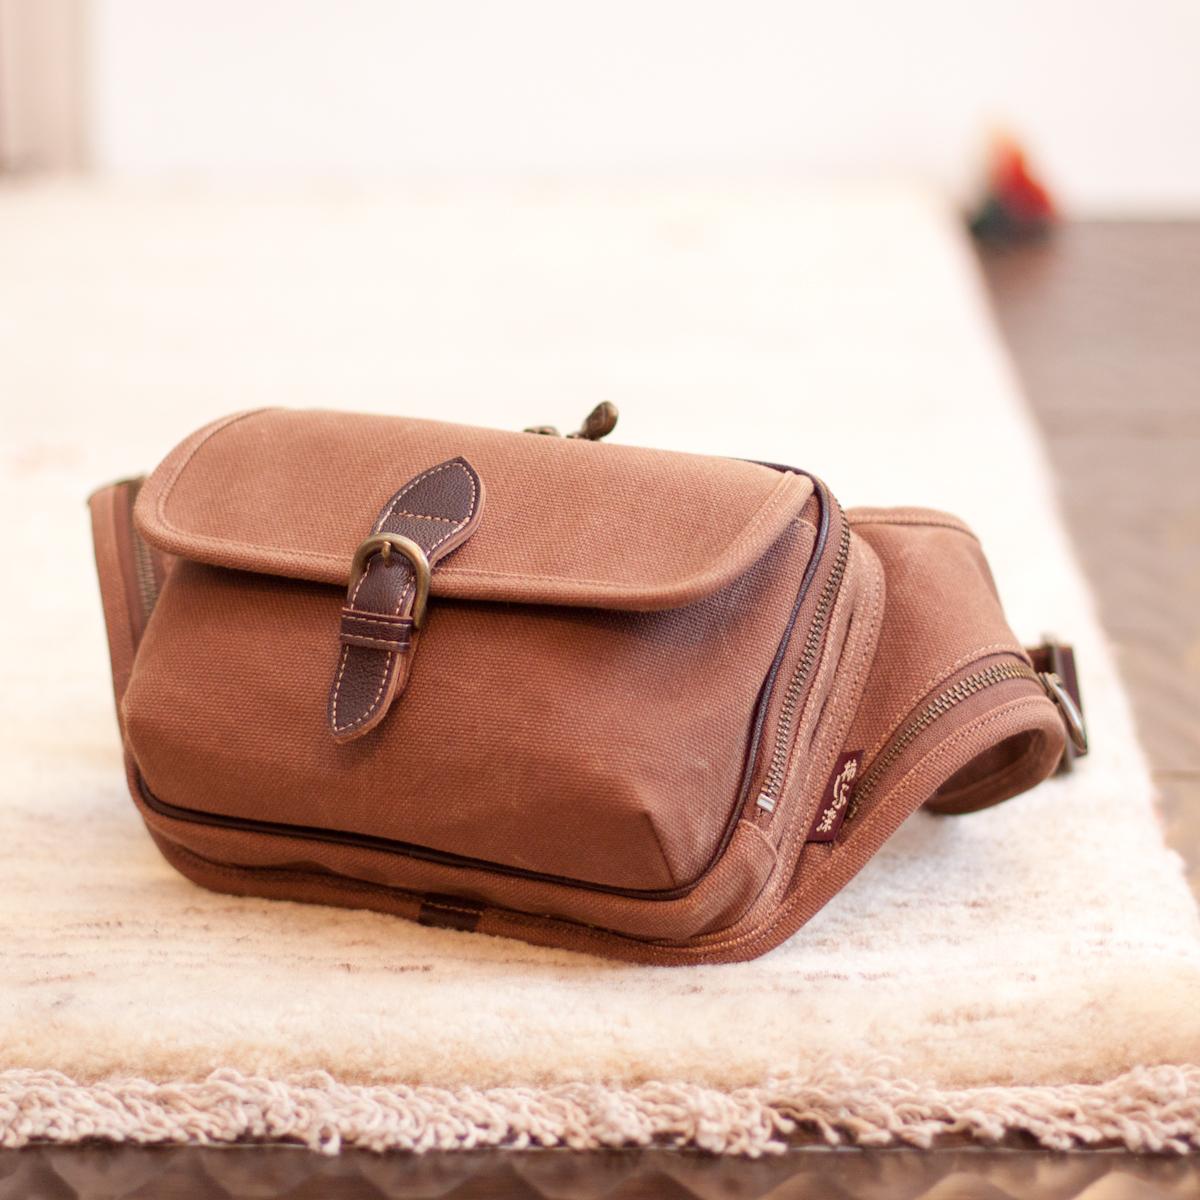 柿渋染 日本製 メンズ ショルダーバッグ 斜めがけ 京都 帆布 バッグ 鞄 「清水」 帆布生地